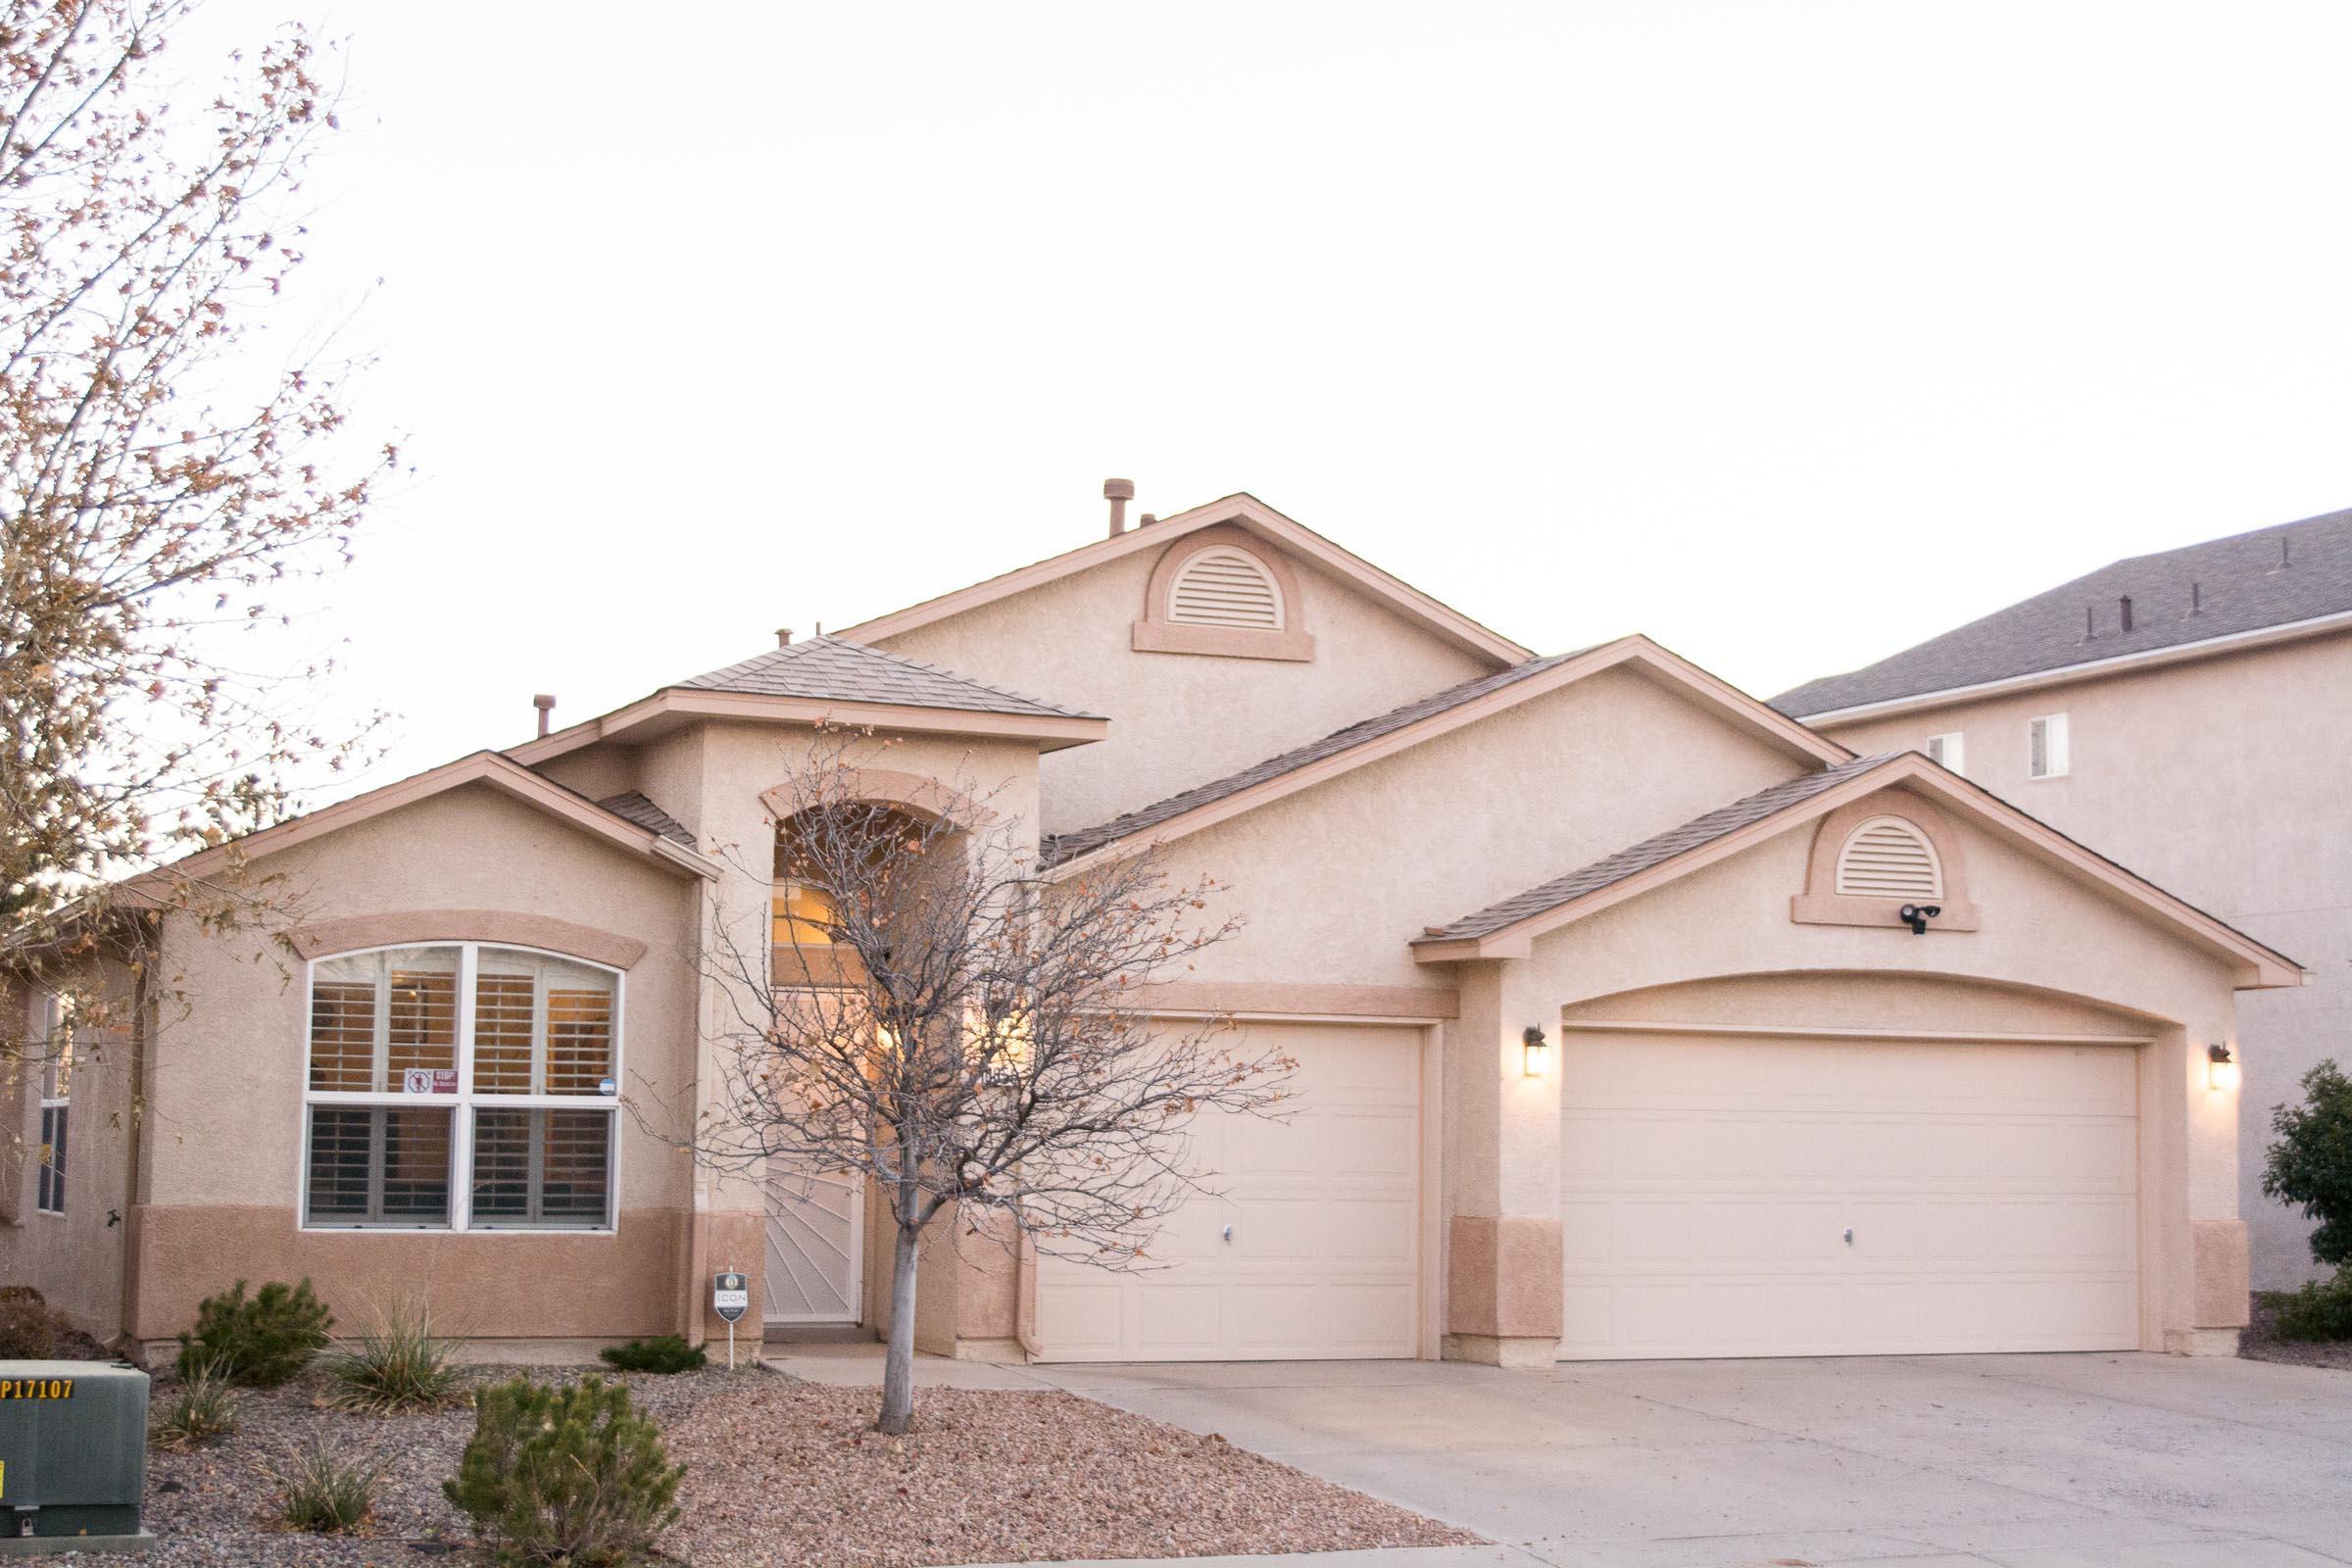 10056 CALLE CHULITA, Albuquerque NM 87114